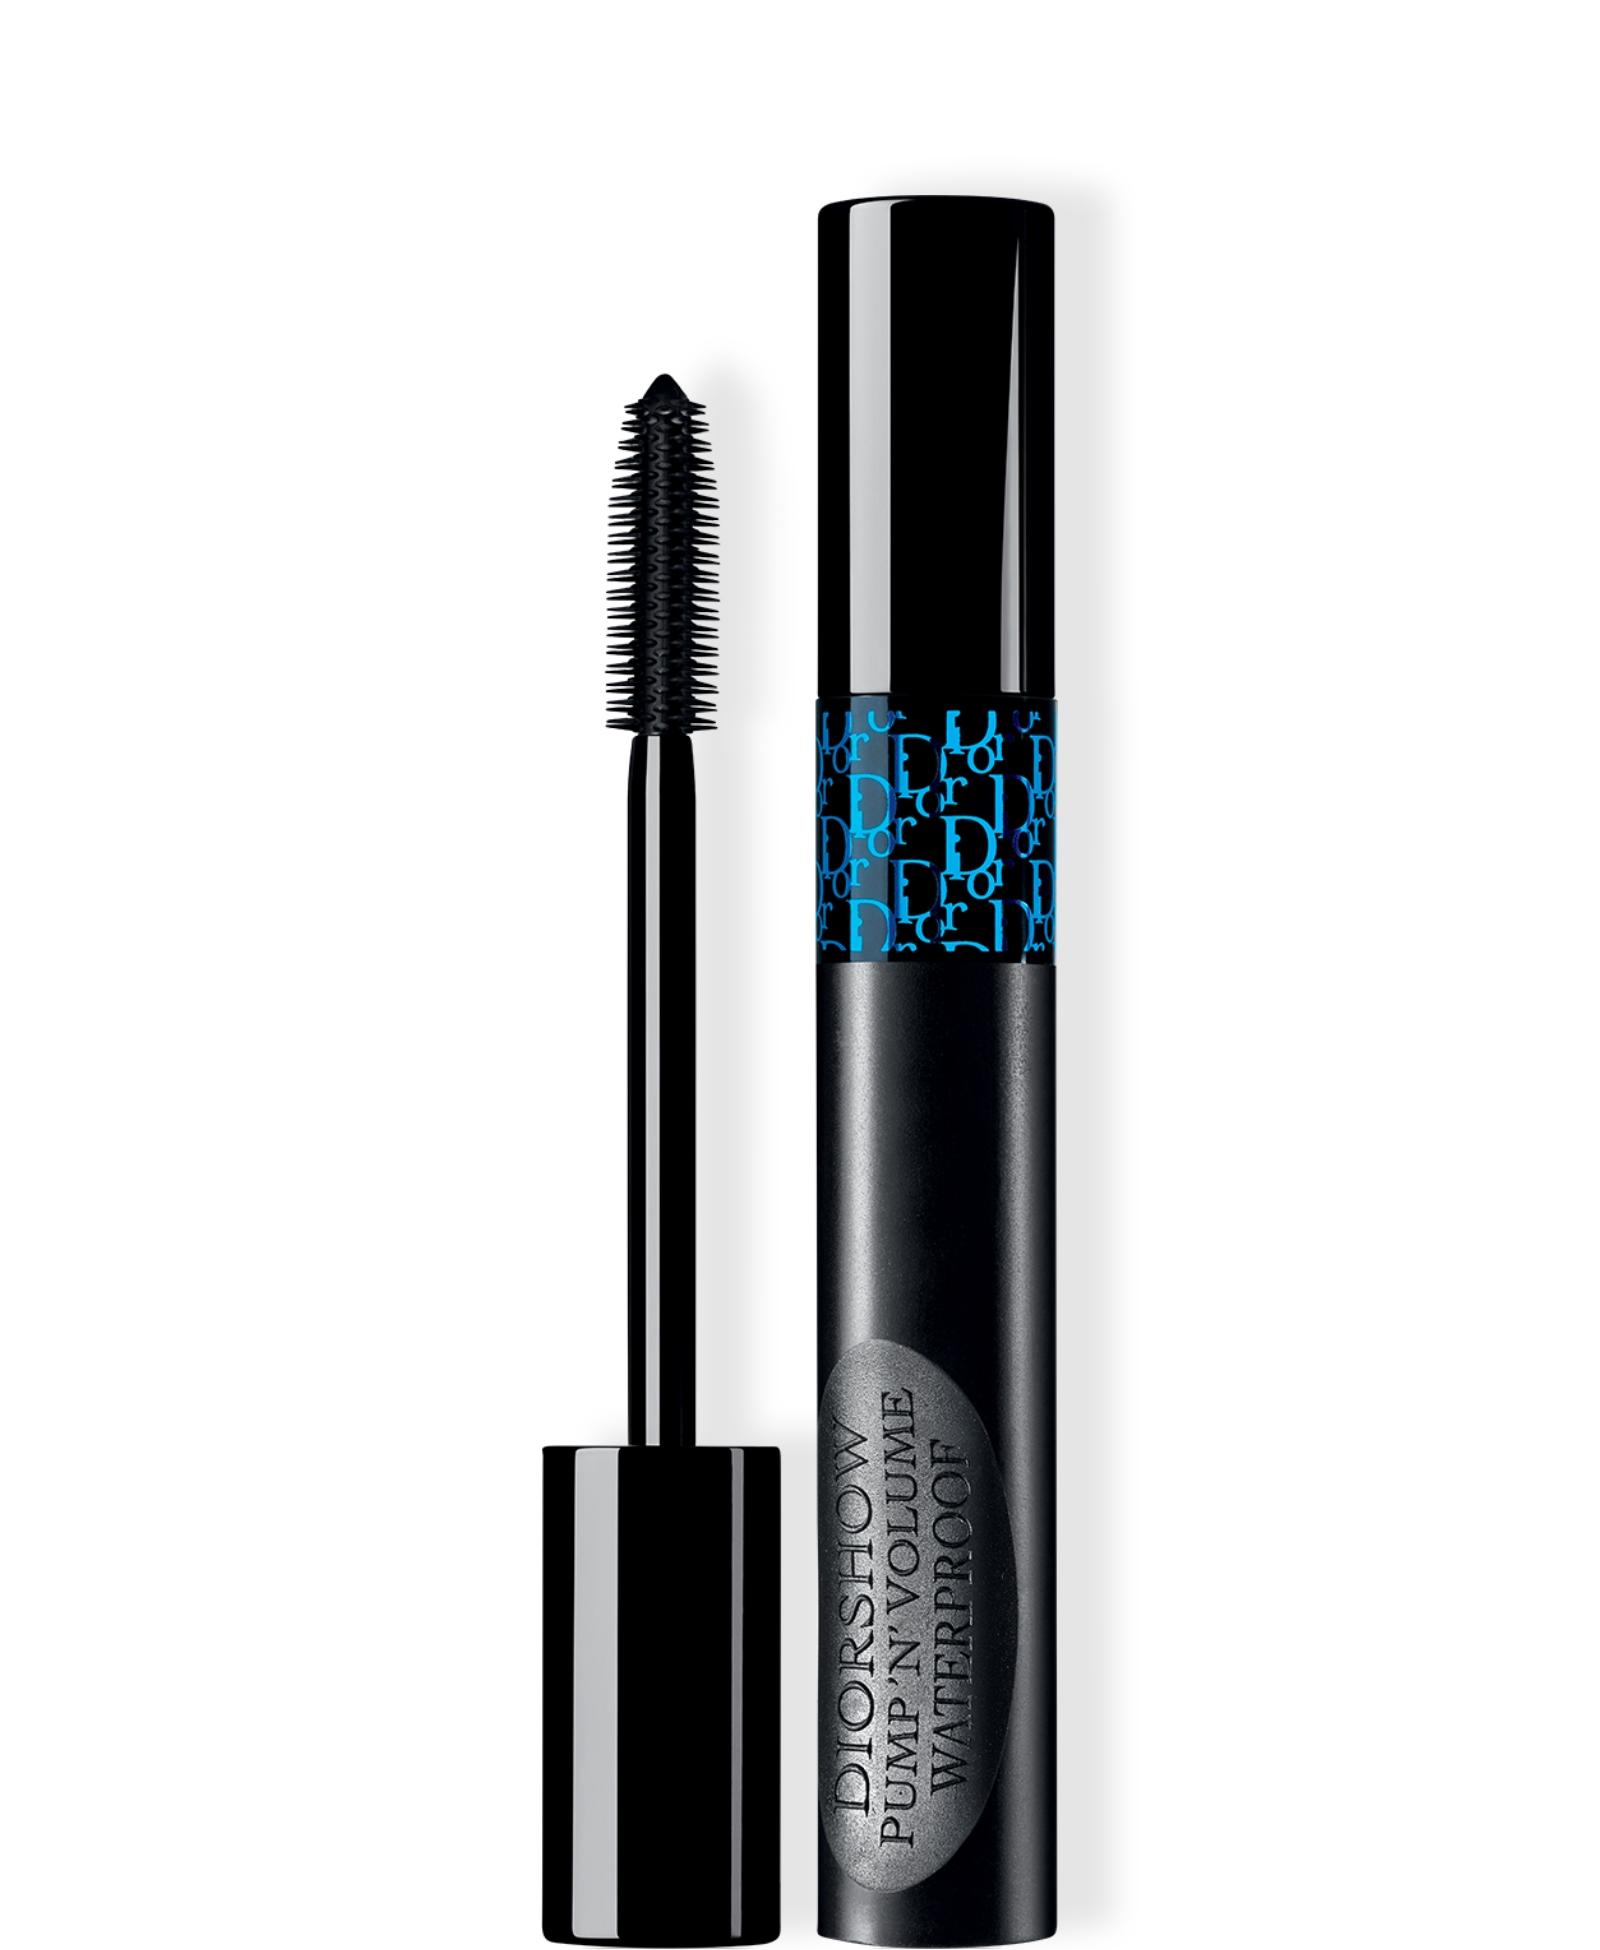 DIOR Diorshow Pump 'N' Volume Waterproof Mascara, 090 Black Pump